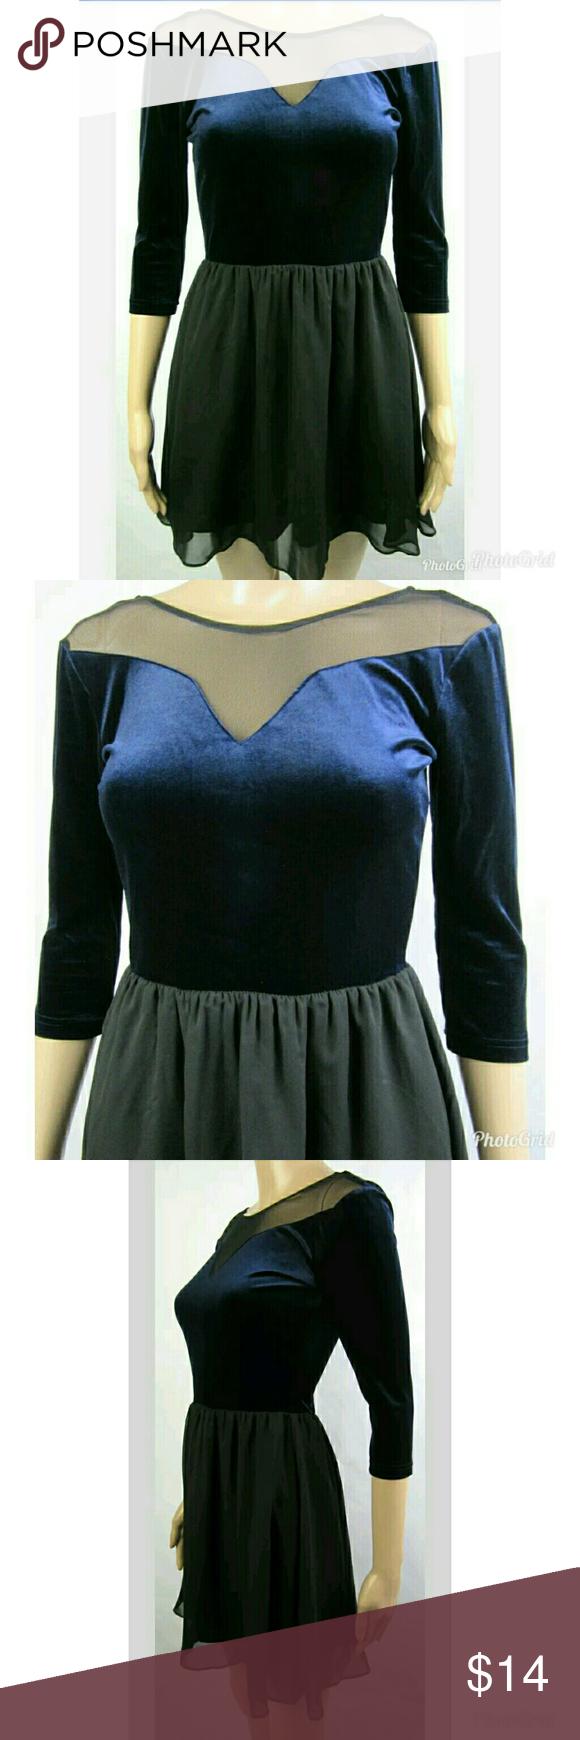 f6942fa31a91 H&M Divided Blue Velvet Dress sz 4 A2-22 D H&M Dresses Mini | My ...